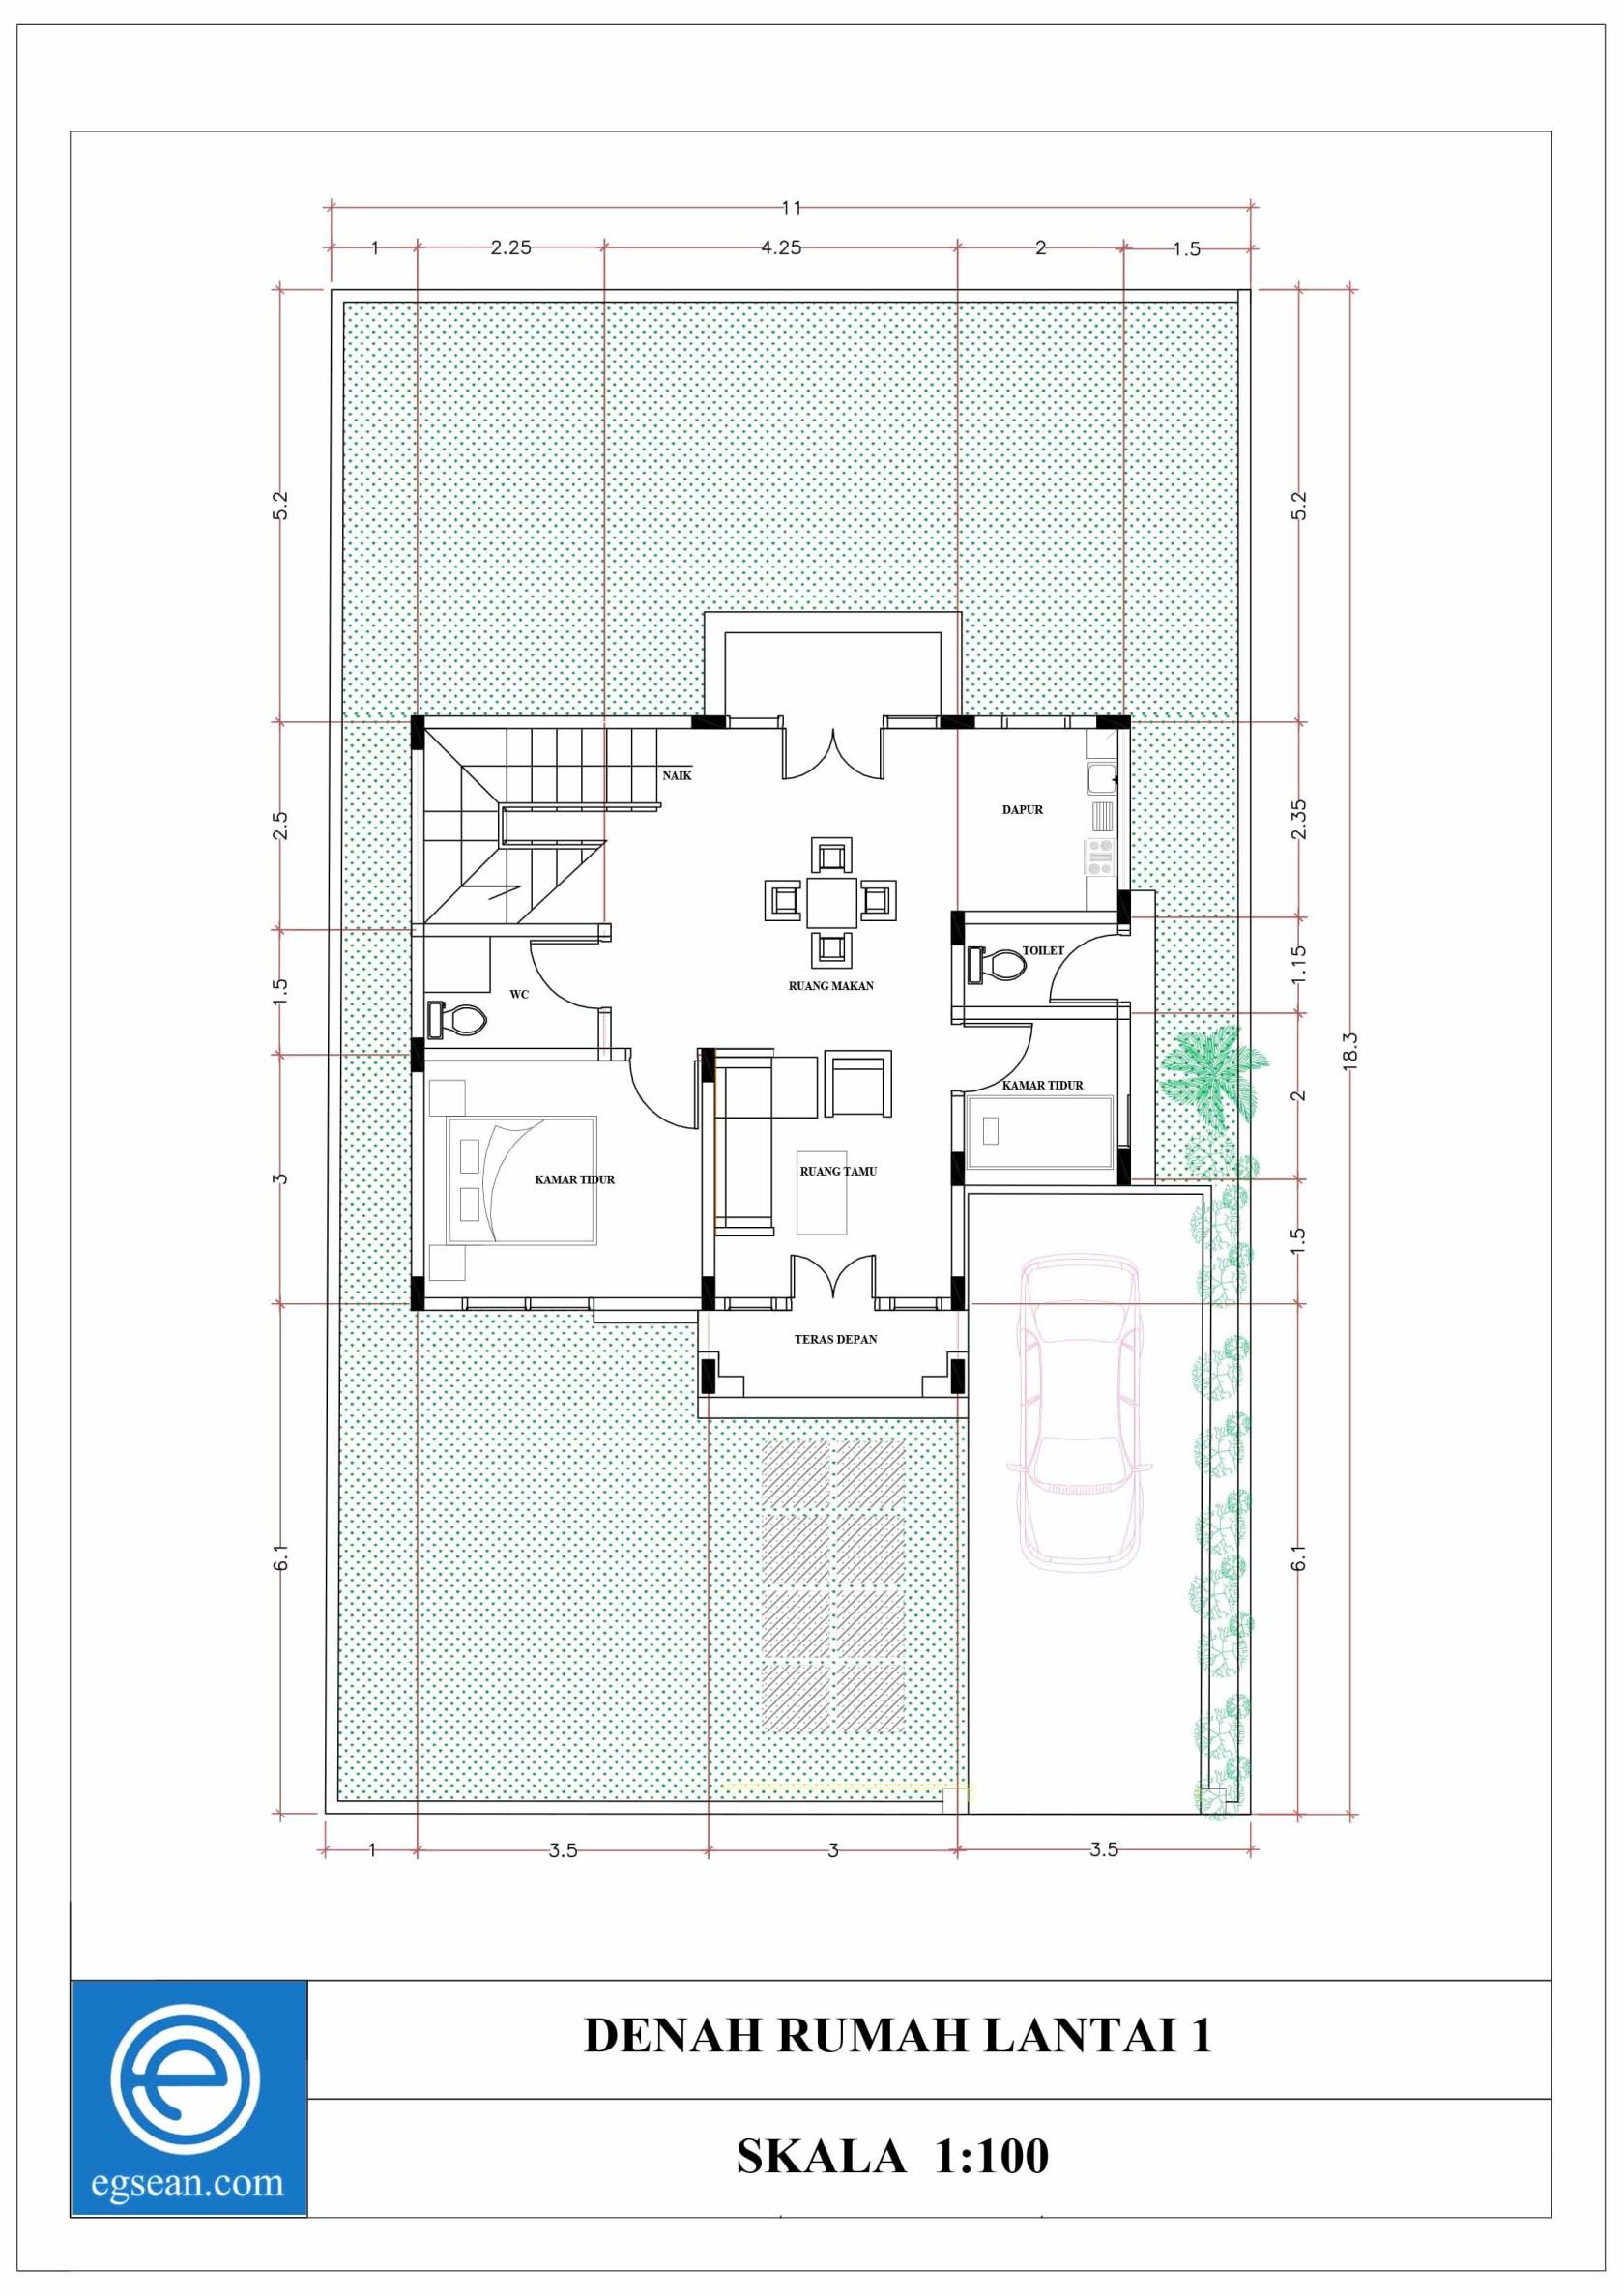 Perencanaan instalasi listrik rumah bertingkat dua lantai egsean denah rumah lantai 1 perencanaan instalasi listrik rumah 2 lantai swarovskicordoba Images